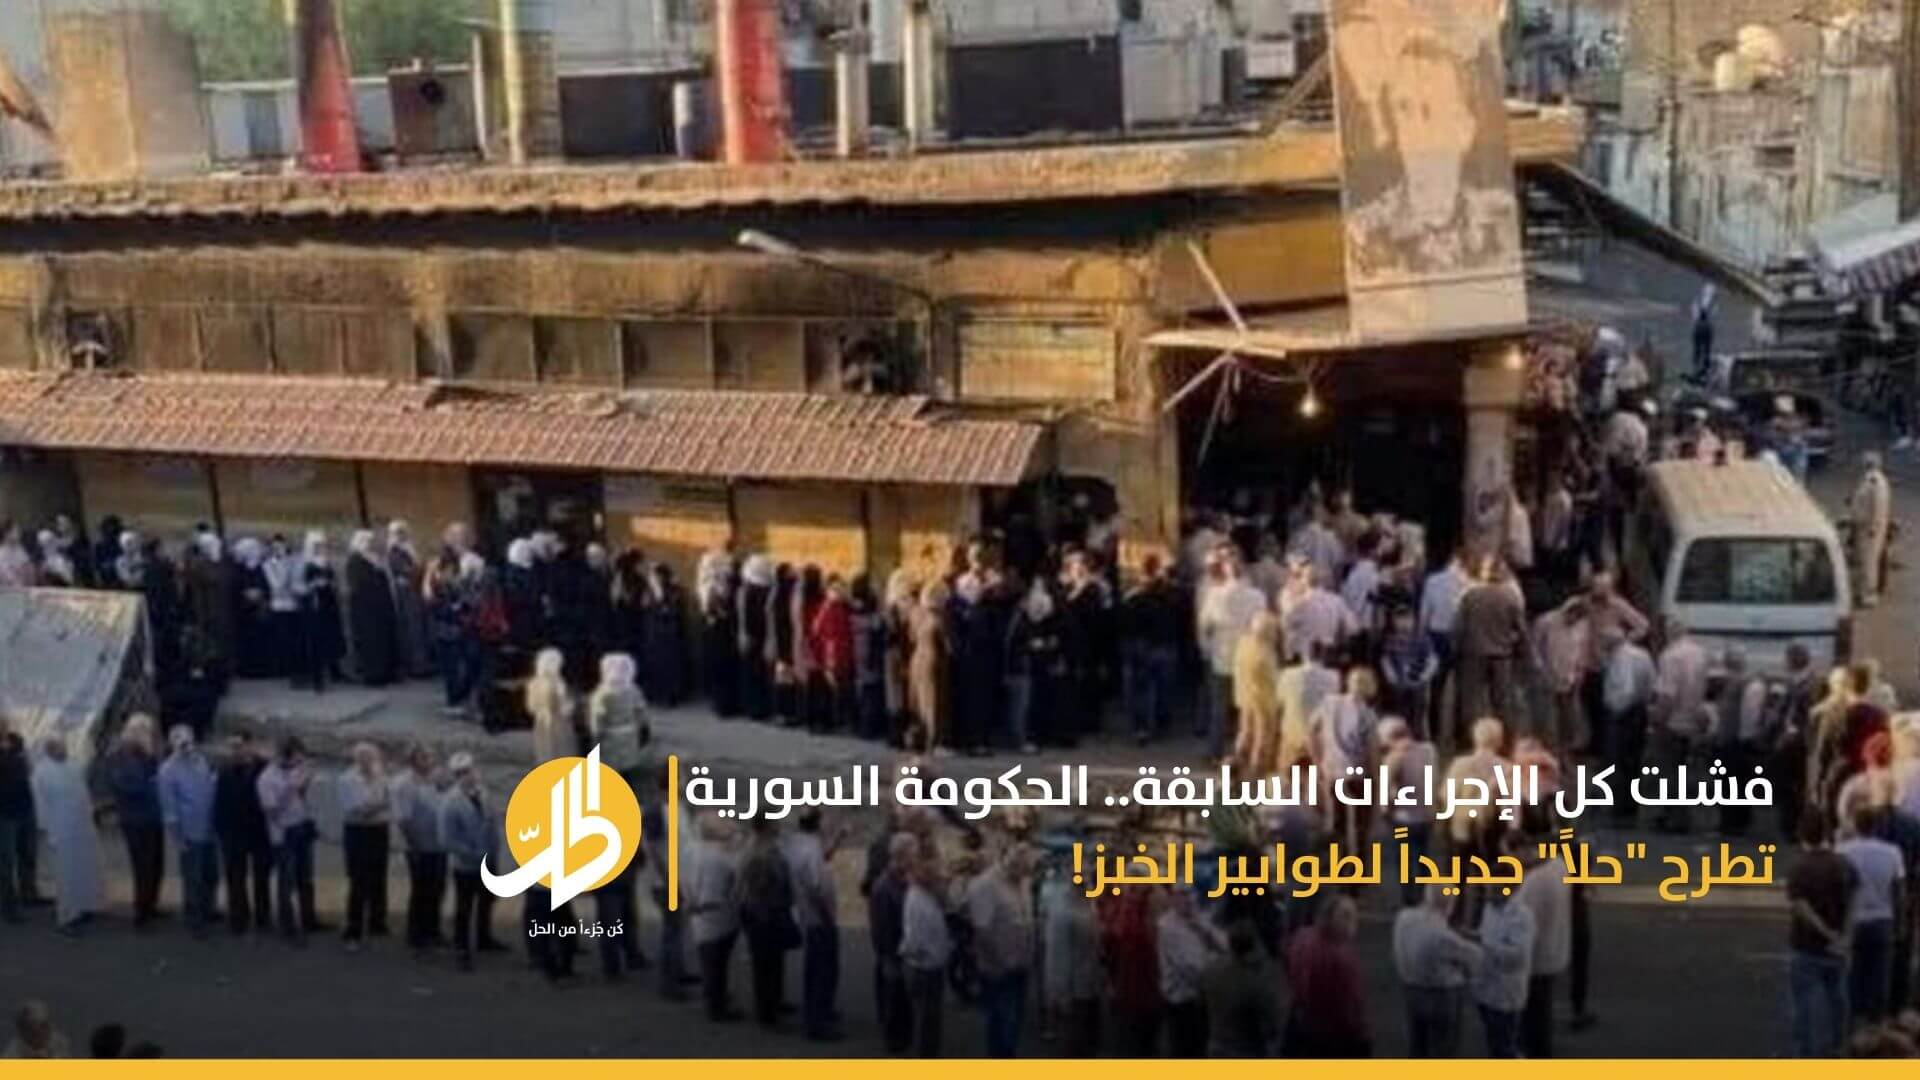 """فشلت كل الإجراءات السابقة.. الحكومة السورية تطرح """"حلاً"""" جديداً لطوابير الخبز!"""